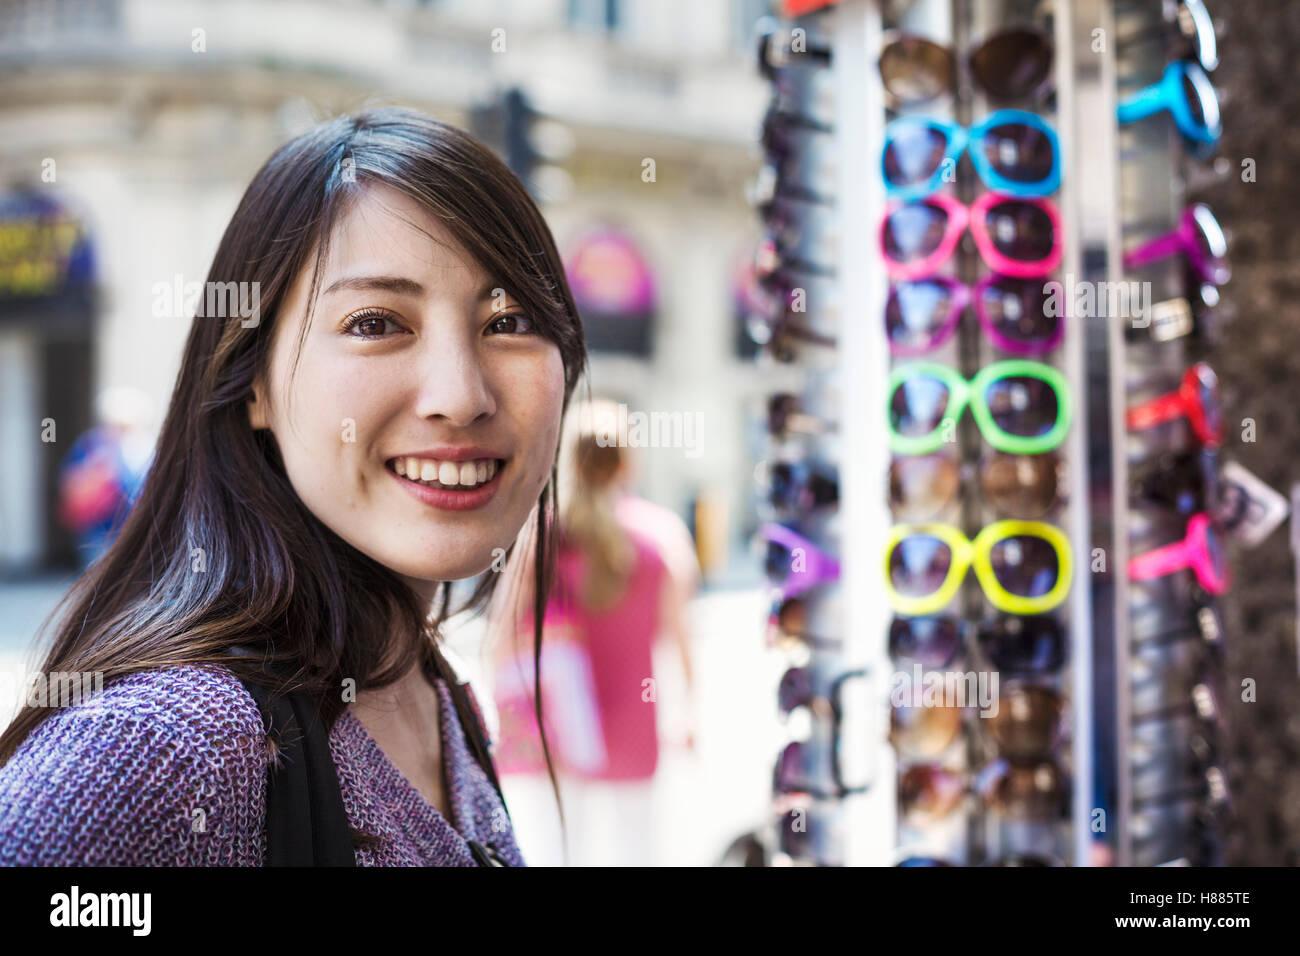 Eine Japanerin anprobieren Sonnenbrillen in London, ein Sommer-Tourist-Besucher. Stockbild